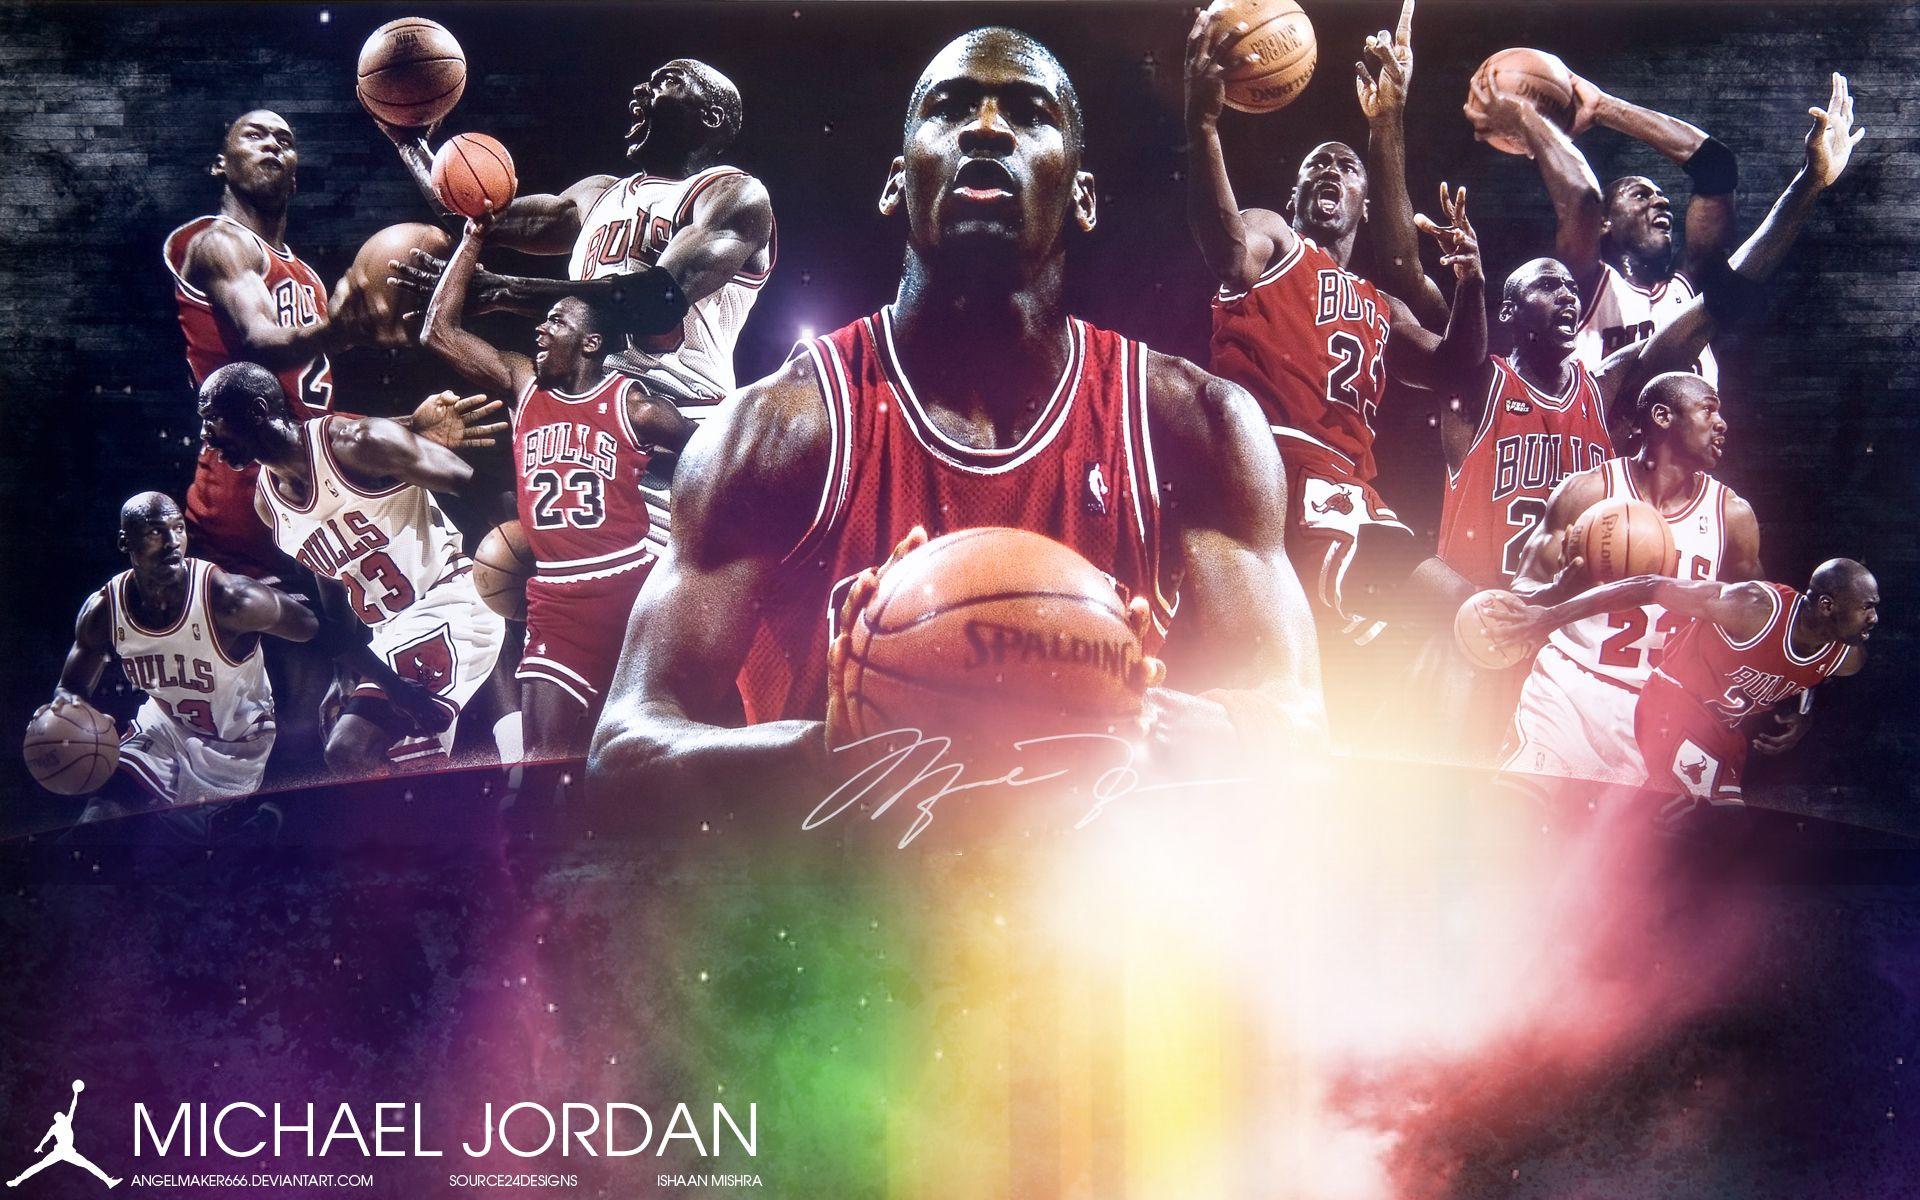 Air Jordan Wallpapers Michael Jordan Chicago Bulls Air Jordan Wallpapers Jordan Wallpapers